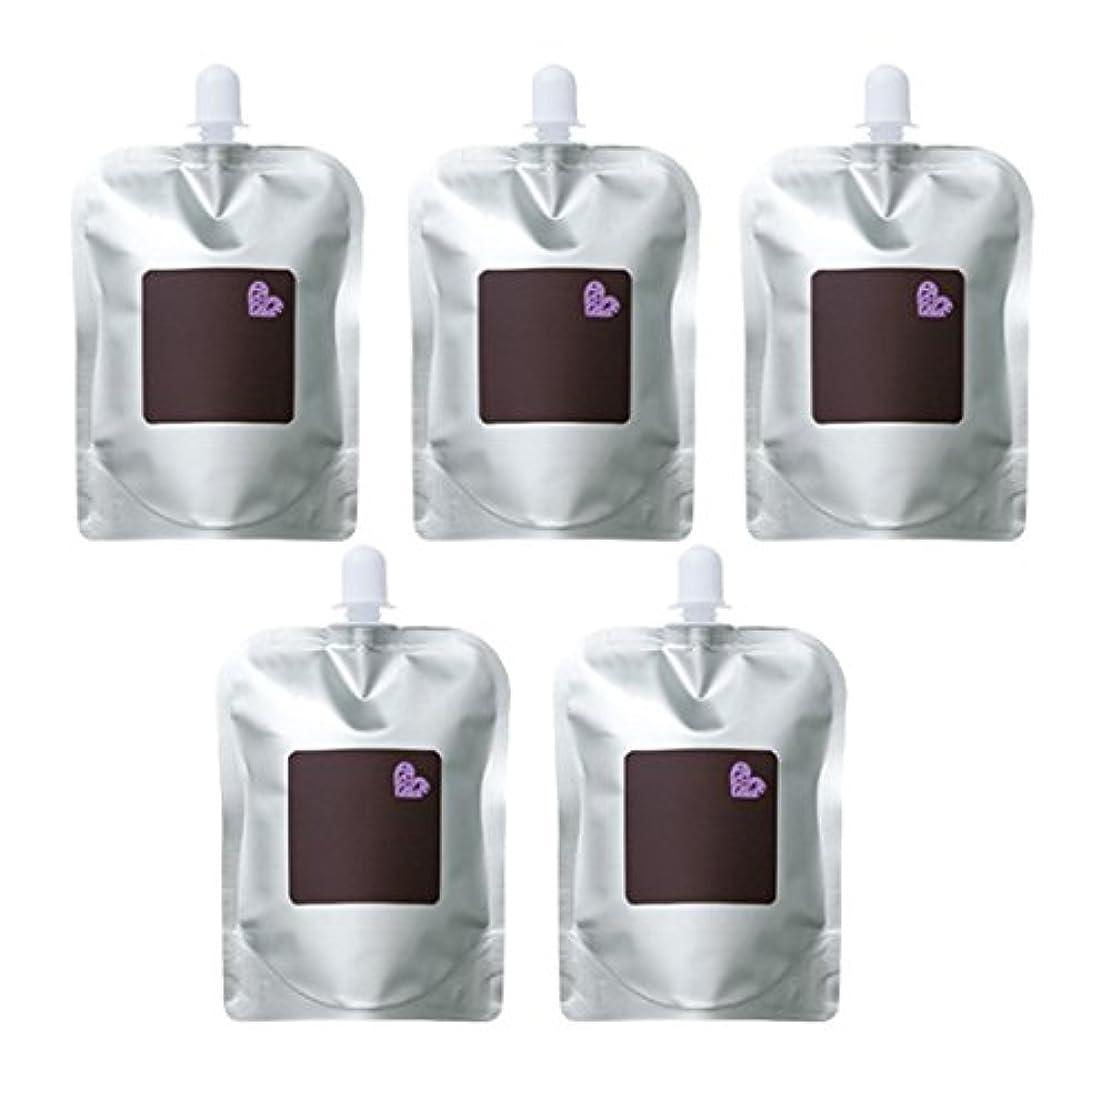 トレーダー句読点印刷する【X5個セット】 アリミノ ピース バウンシーカール ホイップ 400g 詰替え用